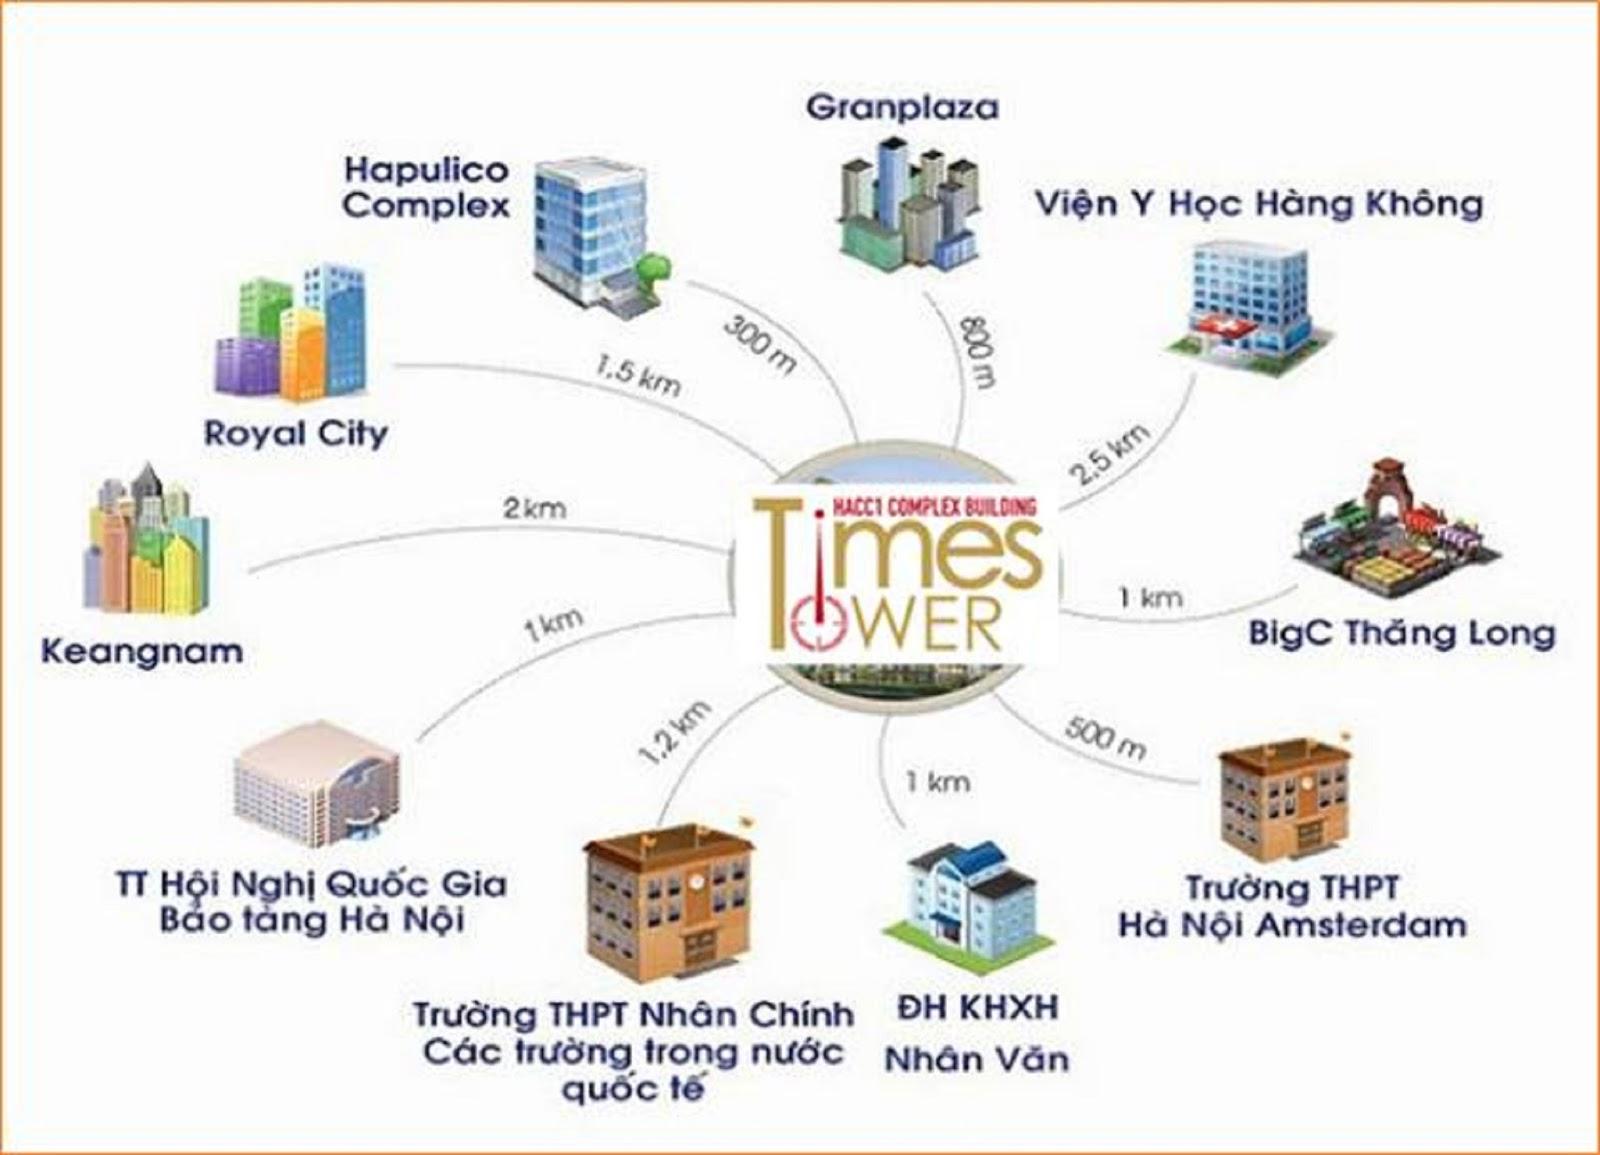 Tiện Ích Chung Cư Time Tower